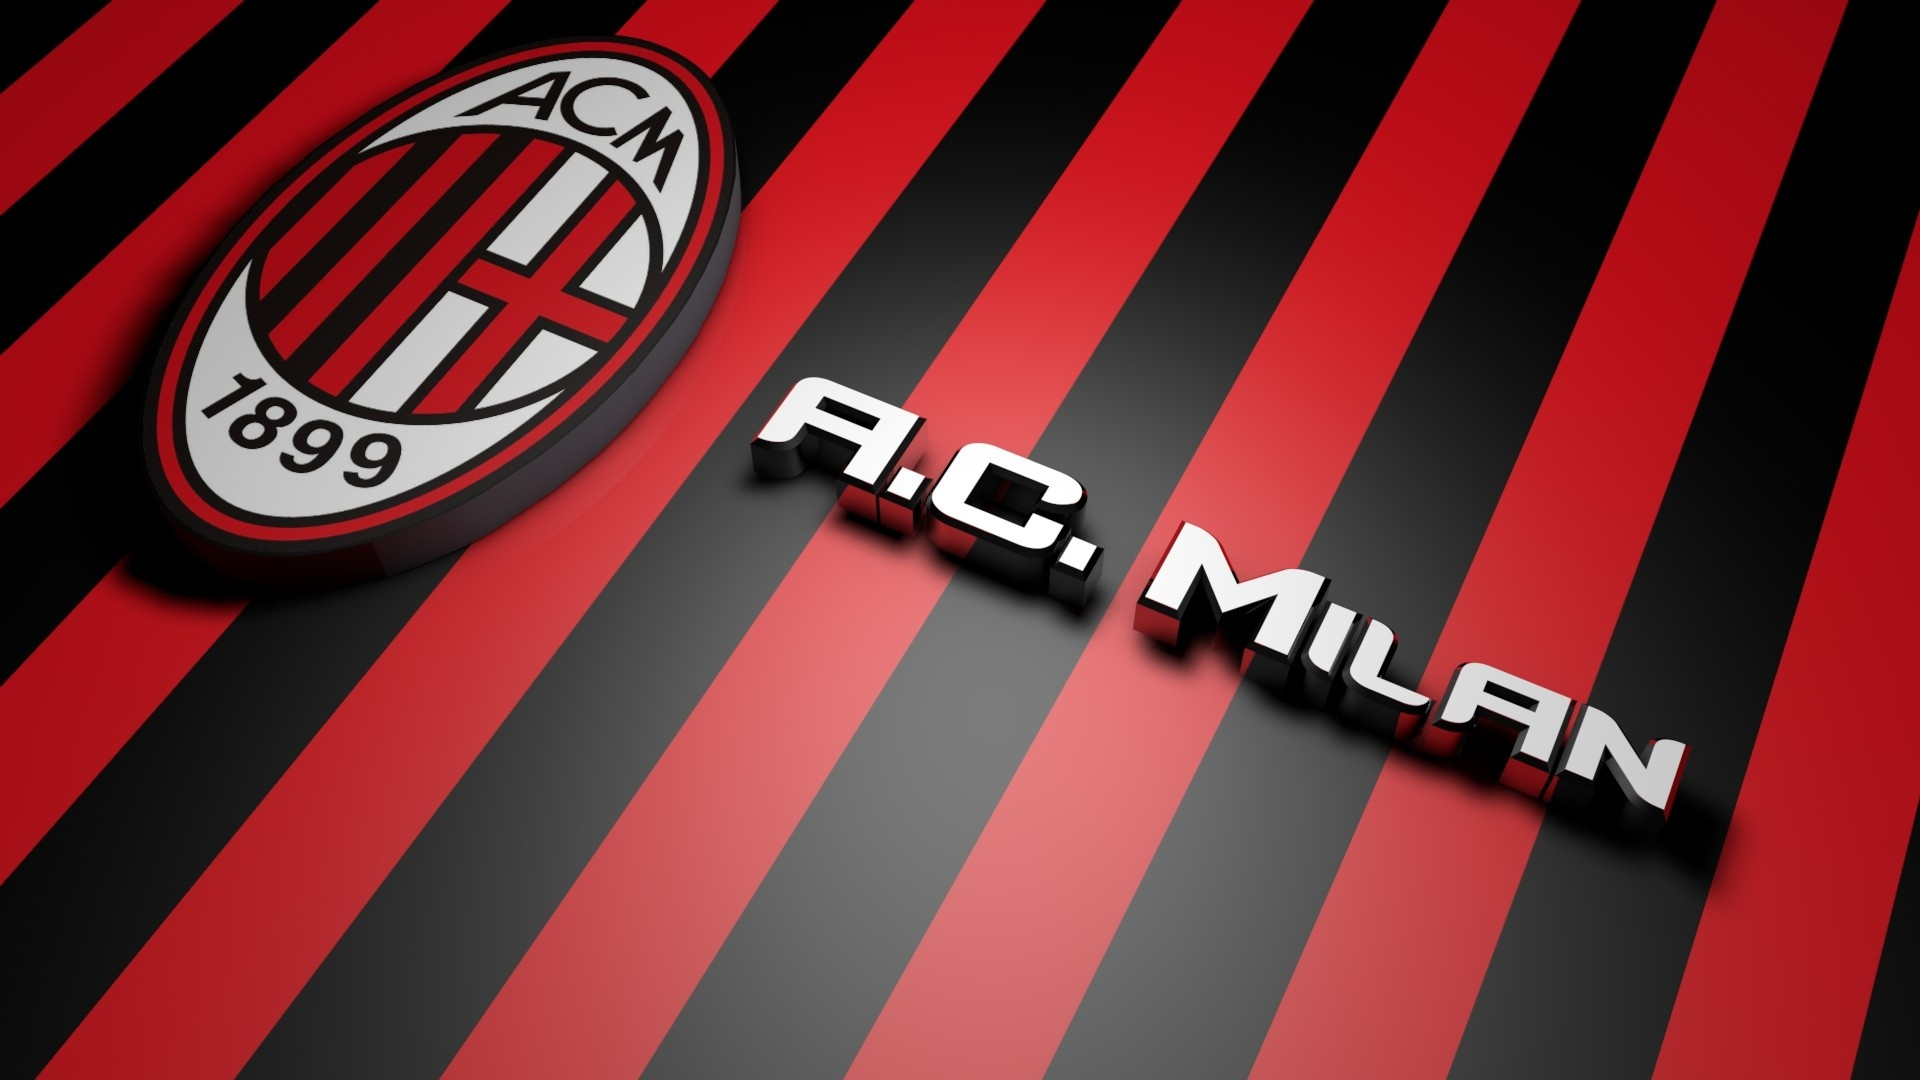 Fonds d'écran Ac Milan PC et Tablettes (iPad, etc...)